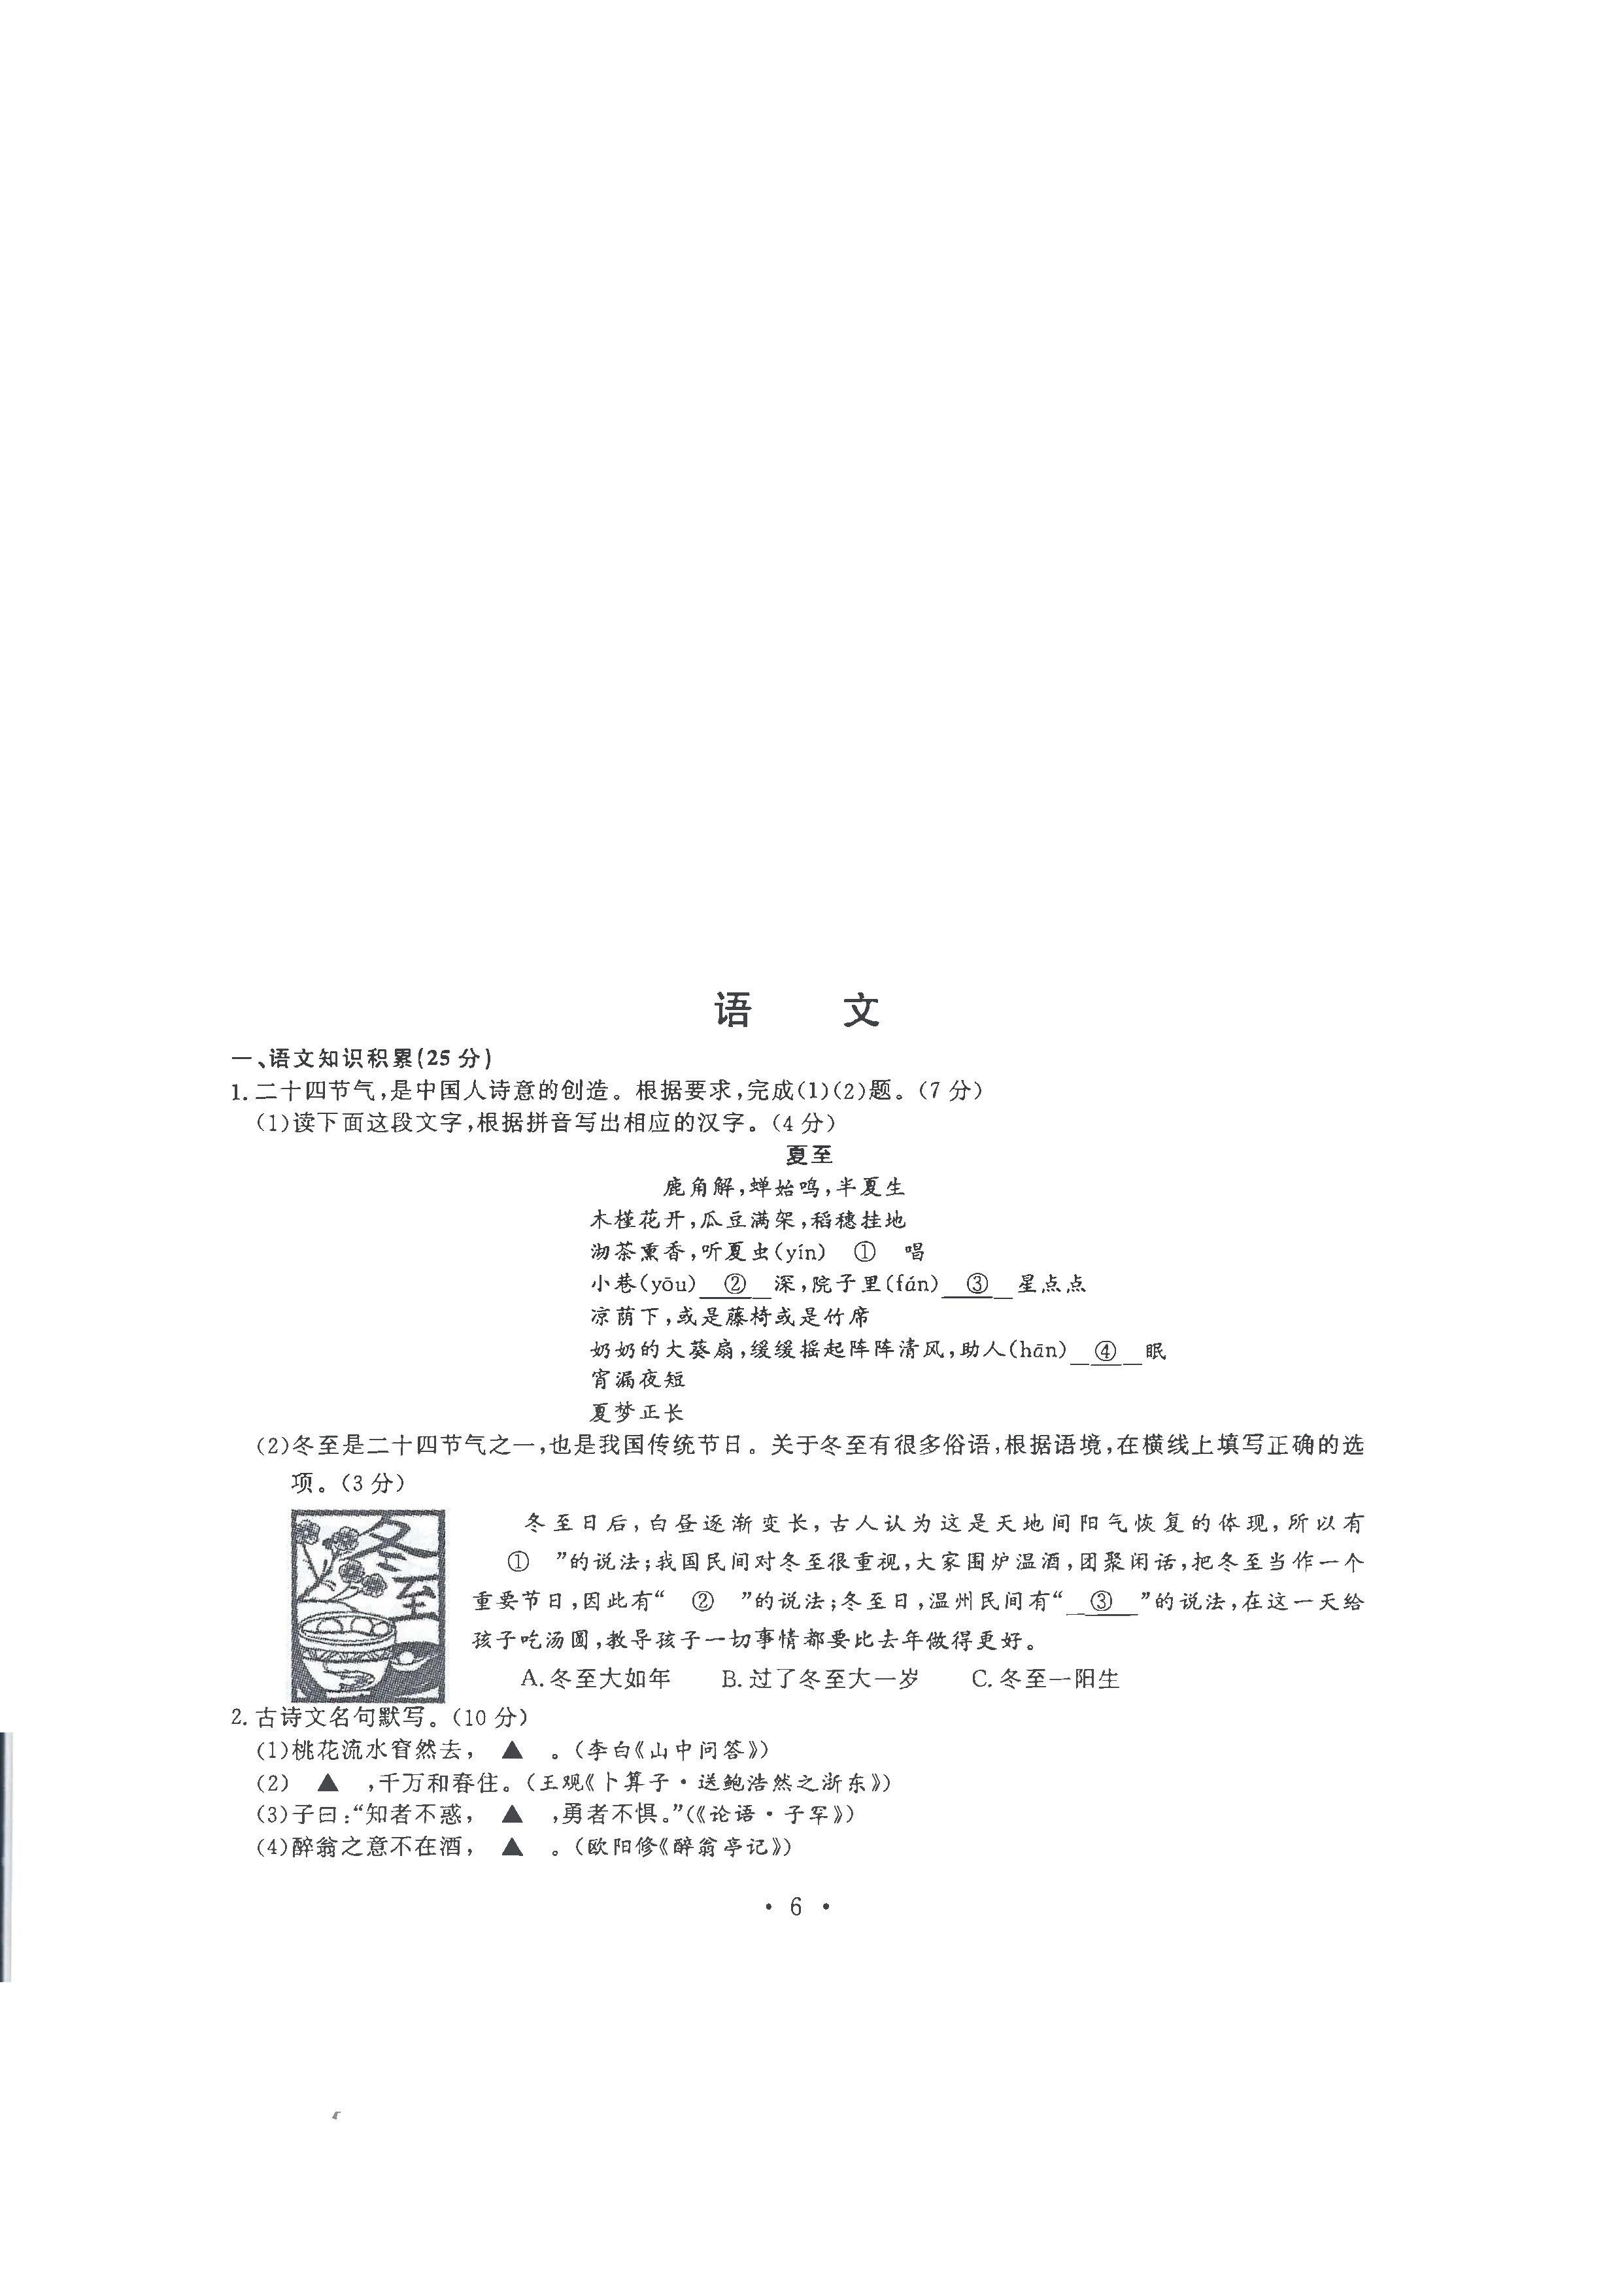 2017温州中考语文试题及答案解析(图片版含答案)